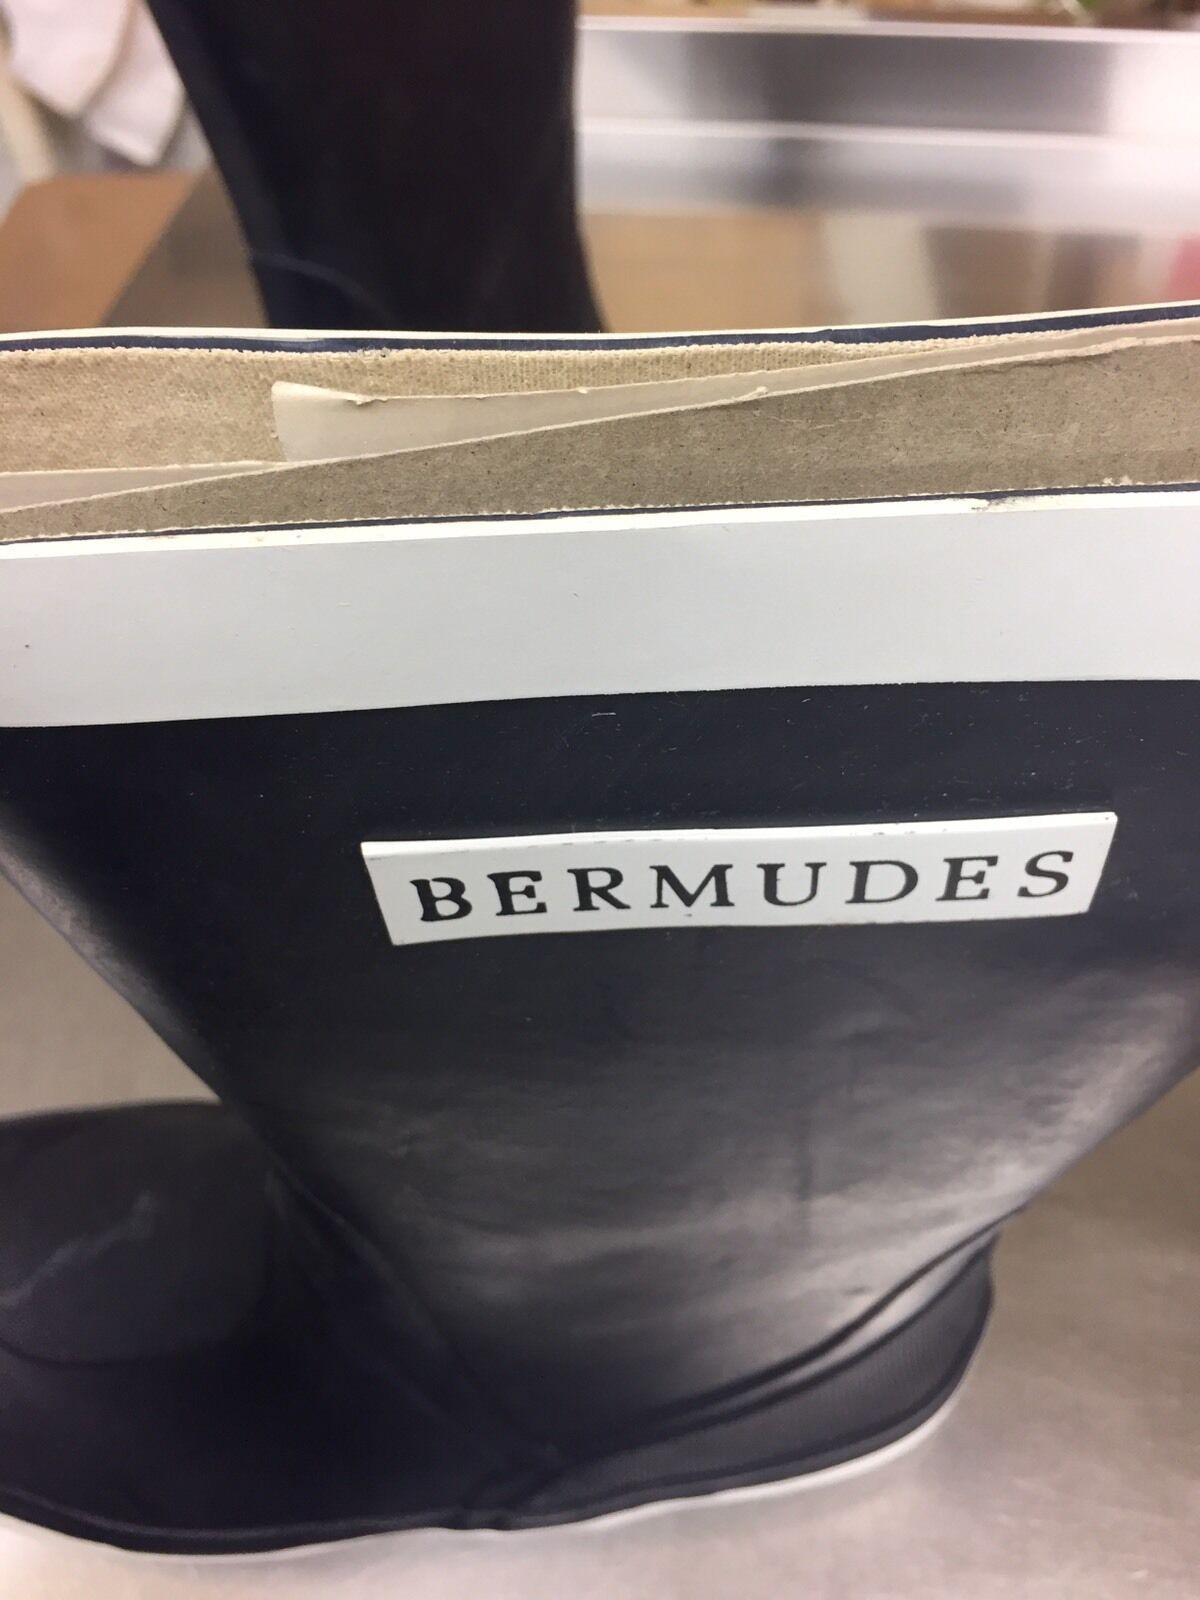 BERMUDES BERMUDES BERMUDES Segeln Seestiefel Gummistiefel Marine  weiss Gr. 39 e6ff97